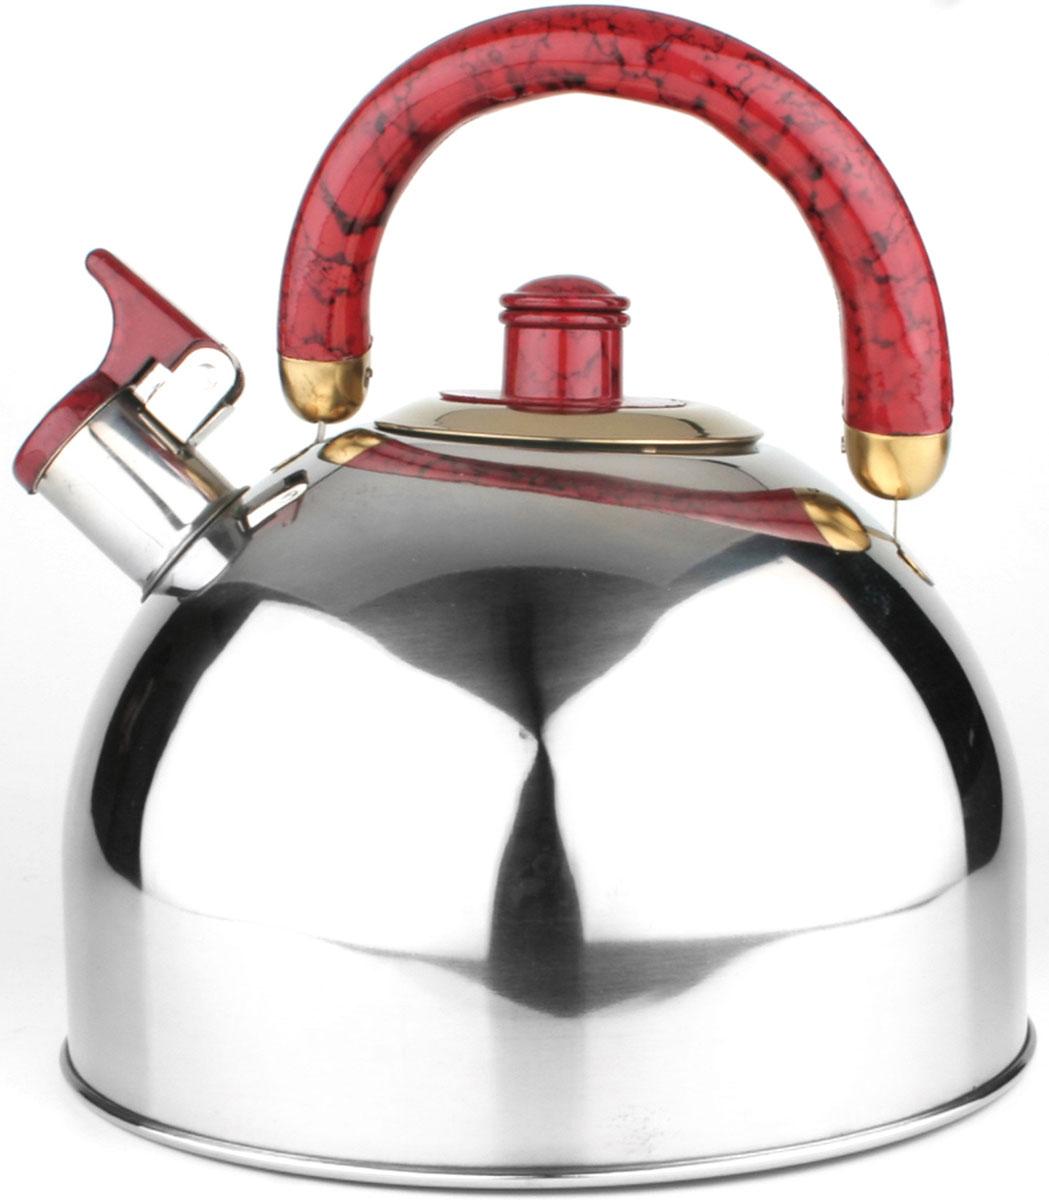 20440 Чайник нерж/сталь(5,5л) MB цветн/руч (х12)20440Чайник со свистком металлический (5,5 л) Материал: нержавеющая сталь, бакелит, литое дно Размер упаковки: 22х20х22 см Объем: 5,5 л Вес: Чайник выполнен из высококачественной нержавеющей стали 18/10. Капсулированное дно с прослойкой из алюминия обеспечивает наилучшее распределение тепла. Носик чайника оснащен насадкой-свистком, что позволит вам контролировать процесс подогрева или кипячения воды. Пластиковая ручка зафиксирована, это дает дополнительное удобство при разлитии напитка, поверхность чайника гладкая, что облегчает уход, а блекс придает чайнику шикарный внешний вид. Чайник подходит для использования на всех типах плит. Эстетичный и функциональный, с эксклюзивным дизайном, чайник будет оригинально смотреться в любом интерьере. Также изделие можно мыть в посудомоечной машине.